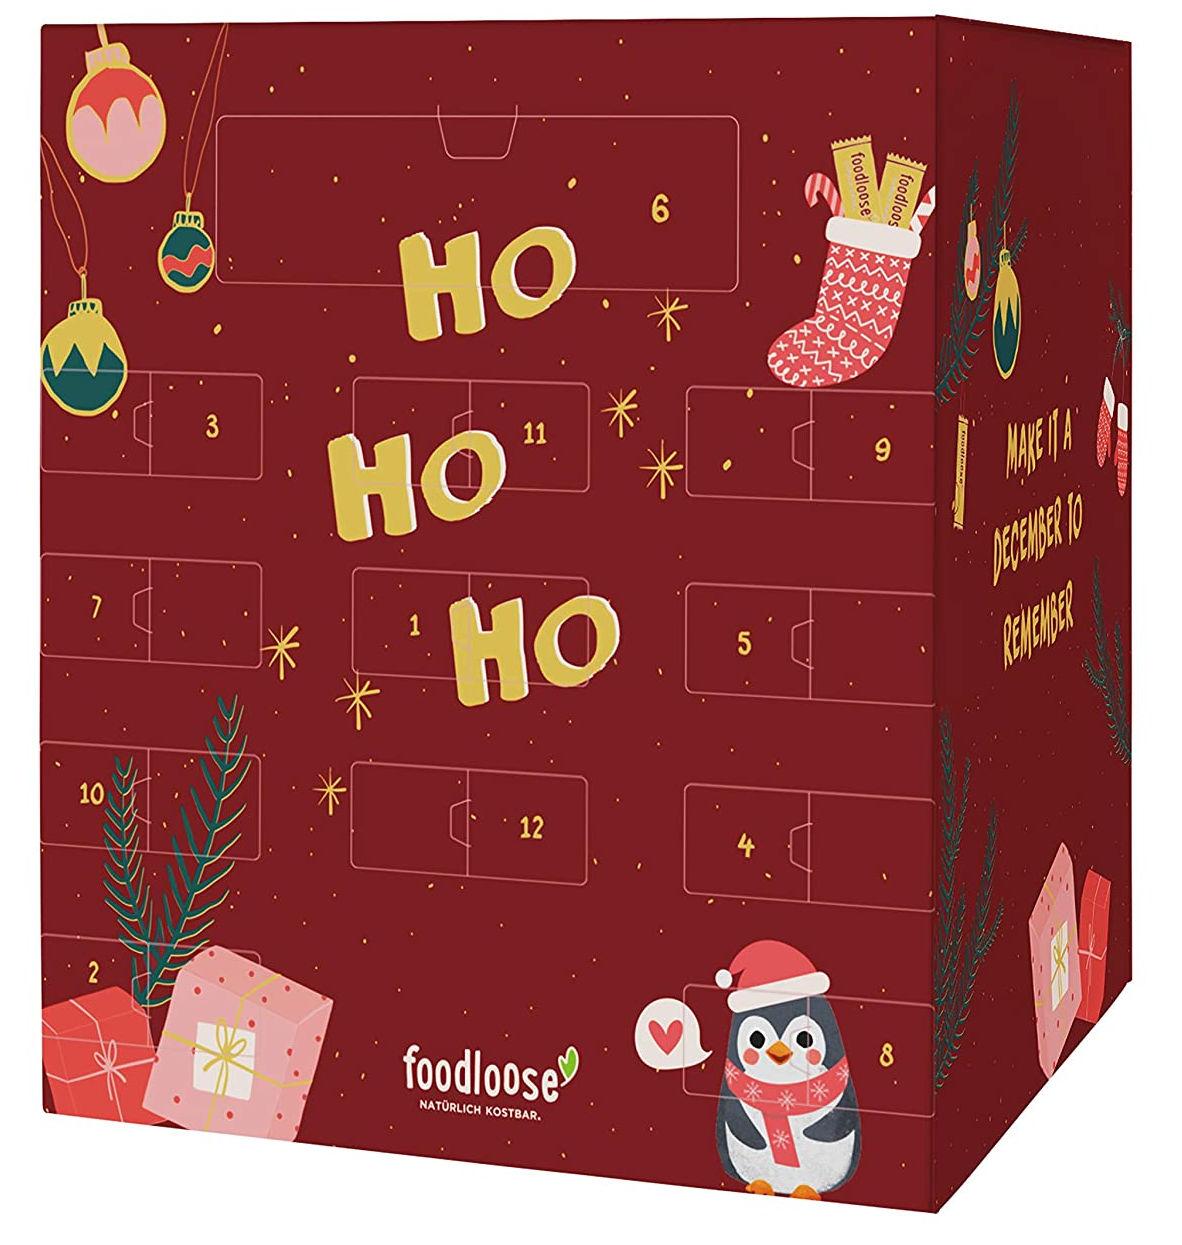 Foodloose-Snacks Kalender